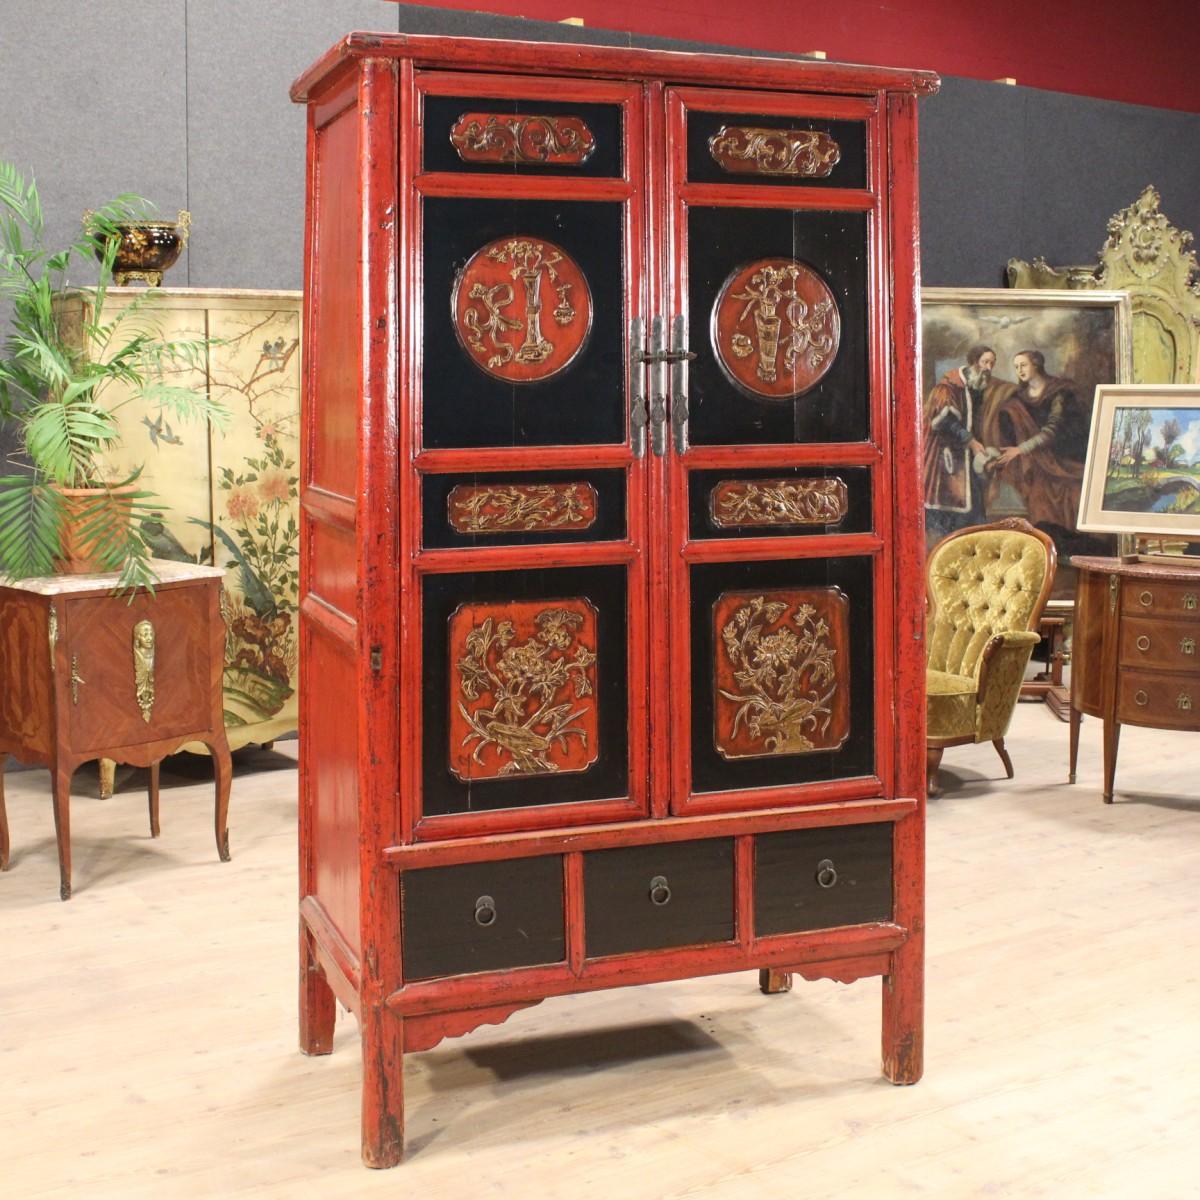 Armadio cinese in legno laccato del XX secolo